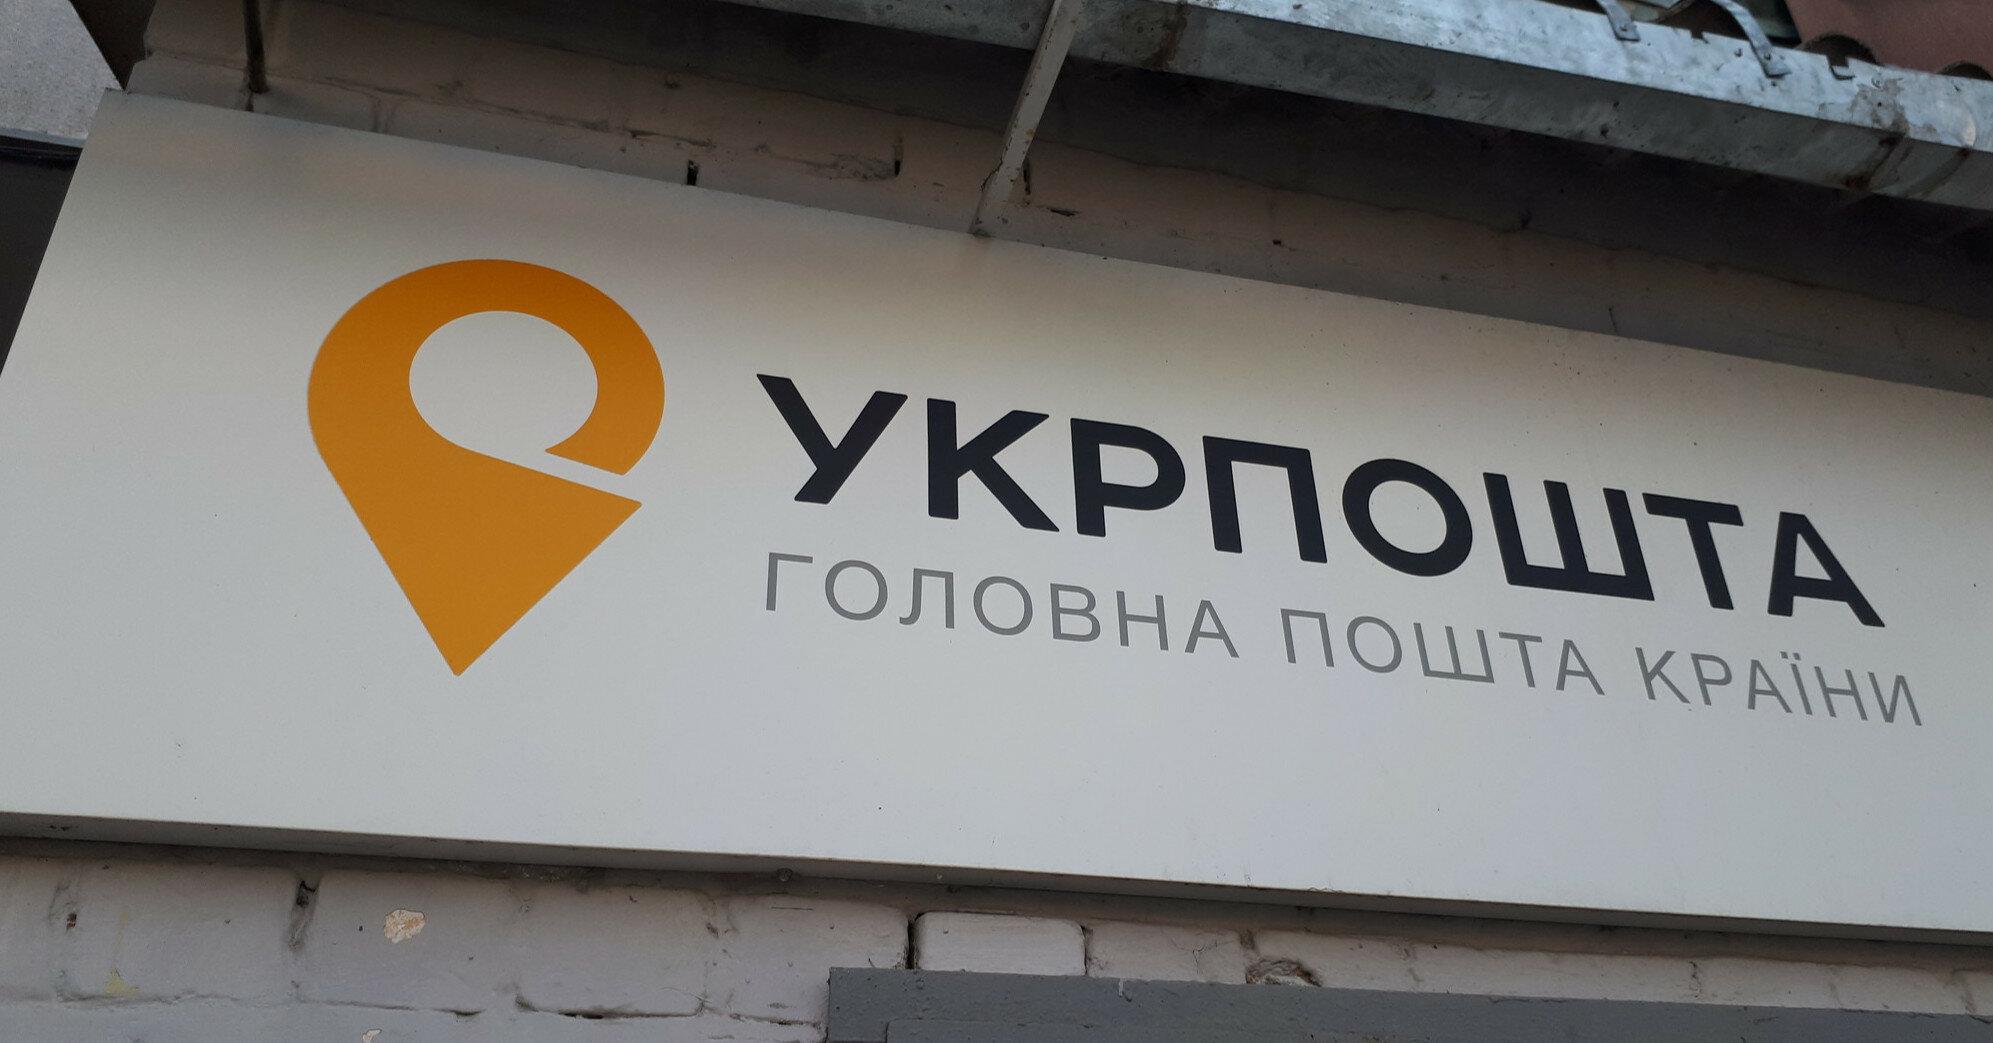 Укрпошта объявила тендеры на $65 миллионов